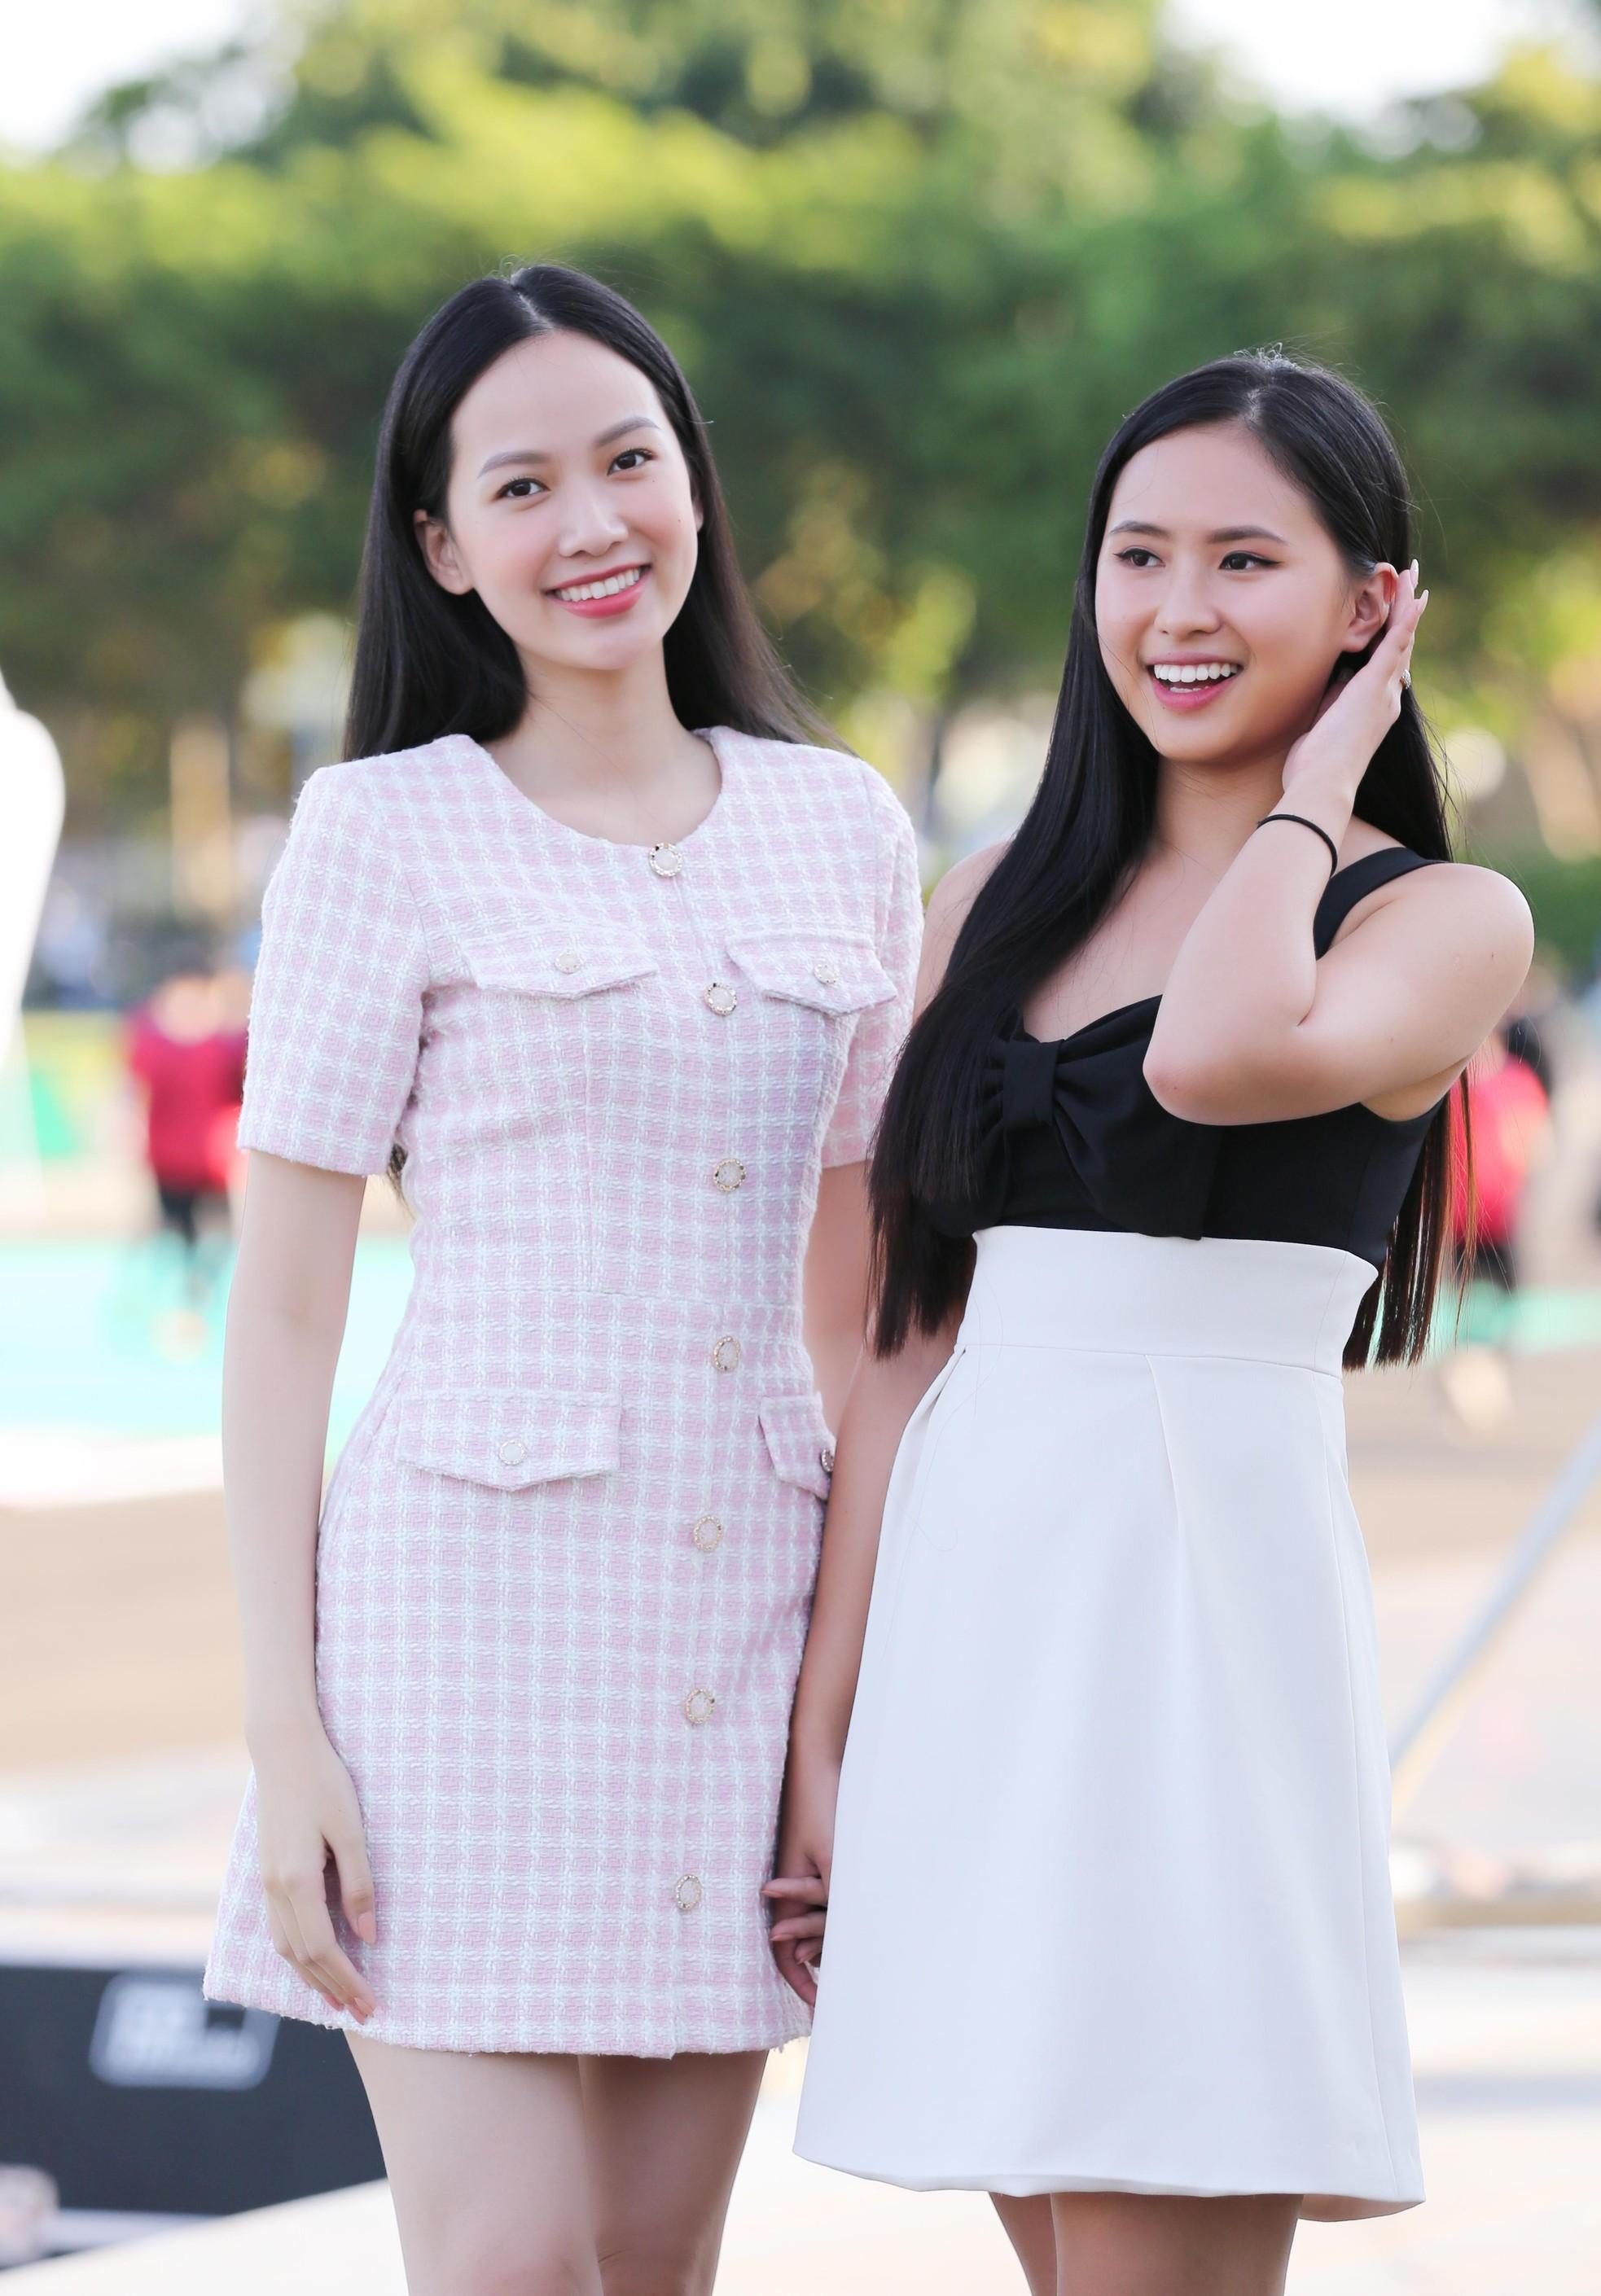 Hoa hậu Đỗ Thị Hà diện váy hai dây tím khoe vai trần gợi cảm ảnh 11